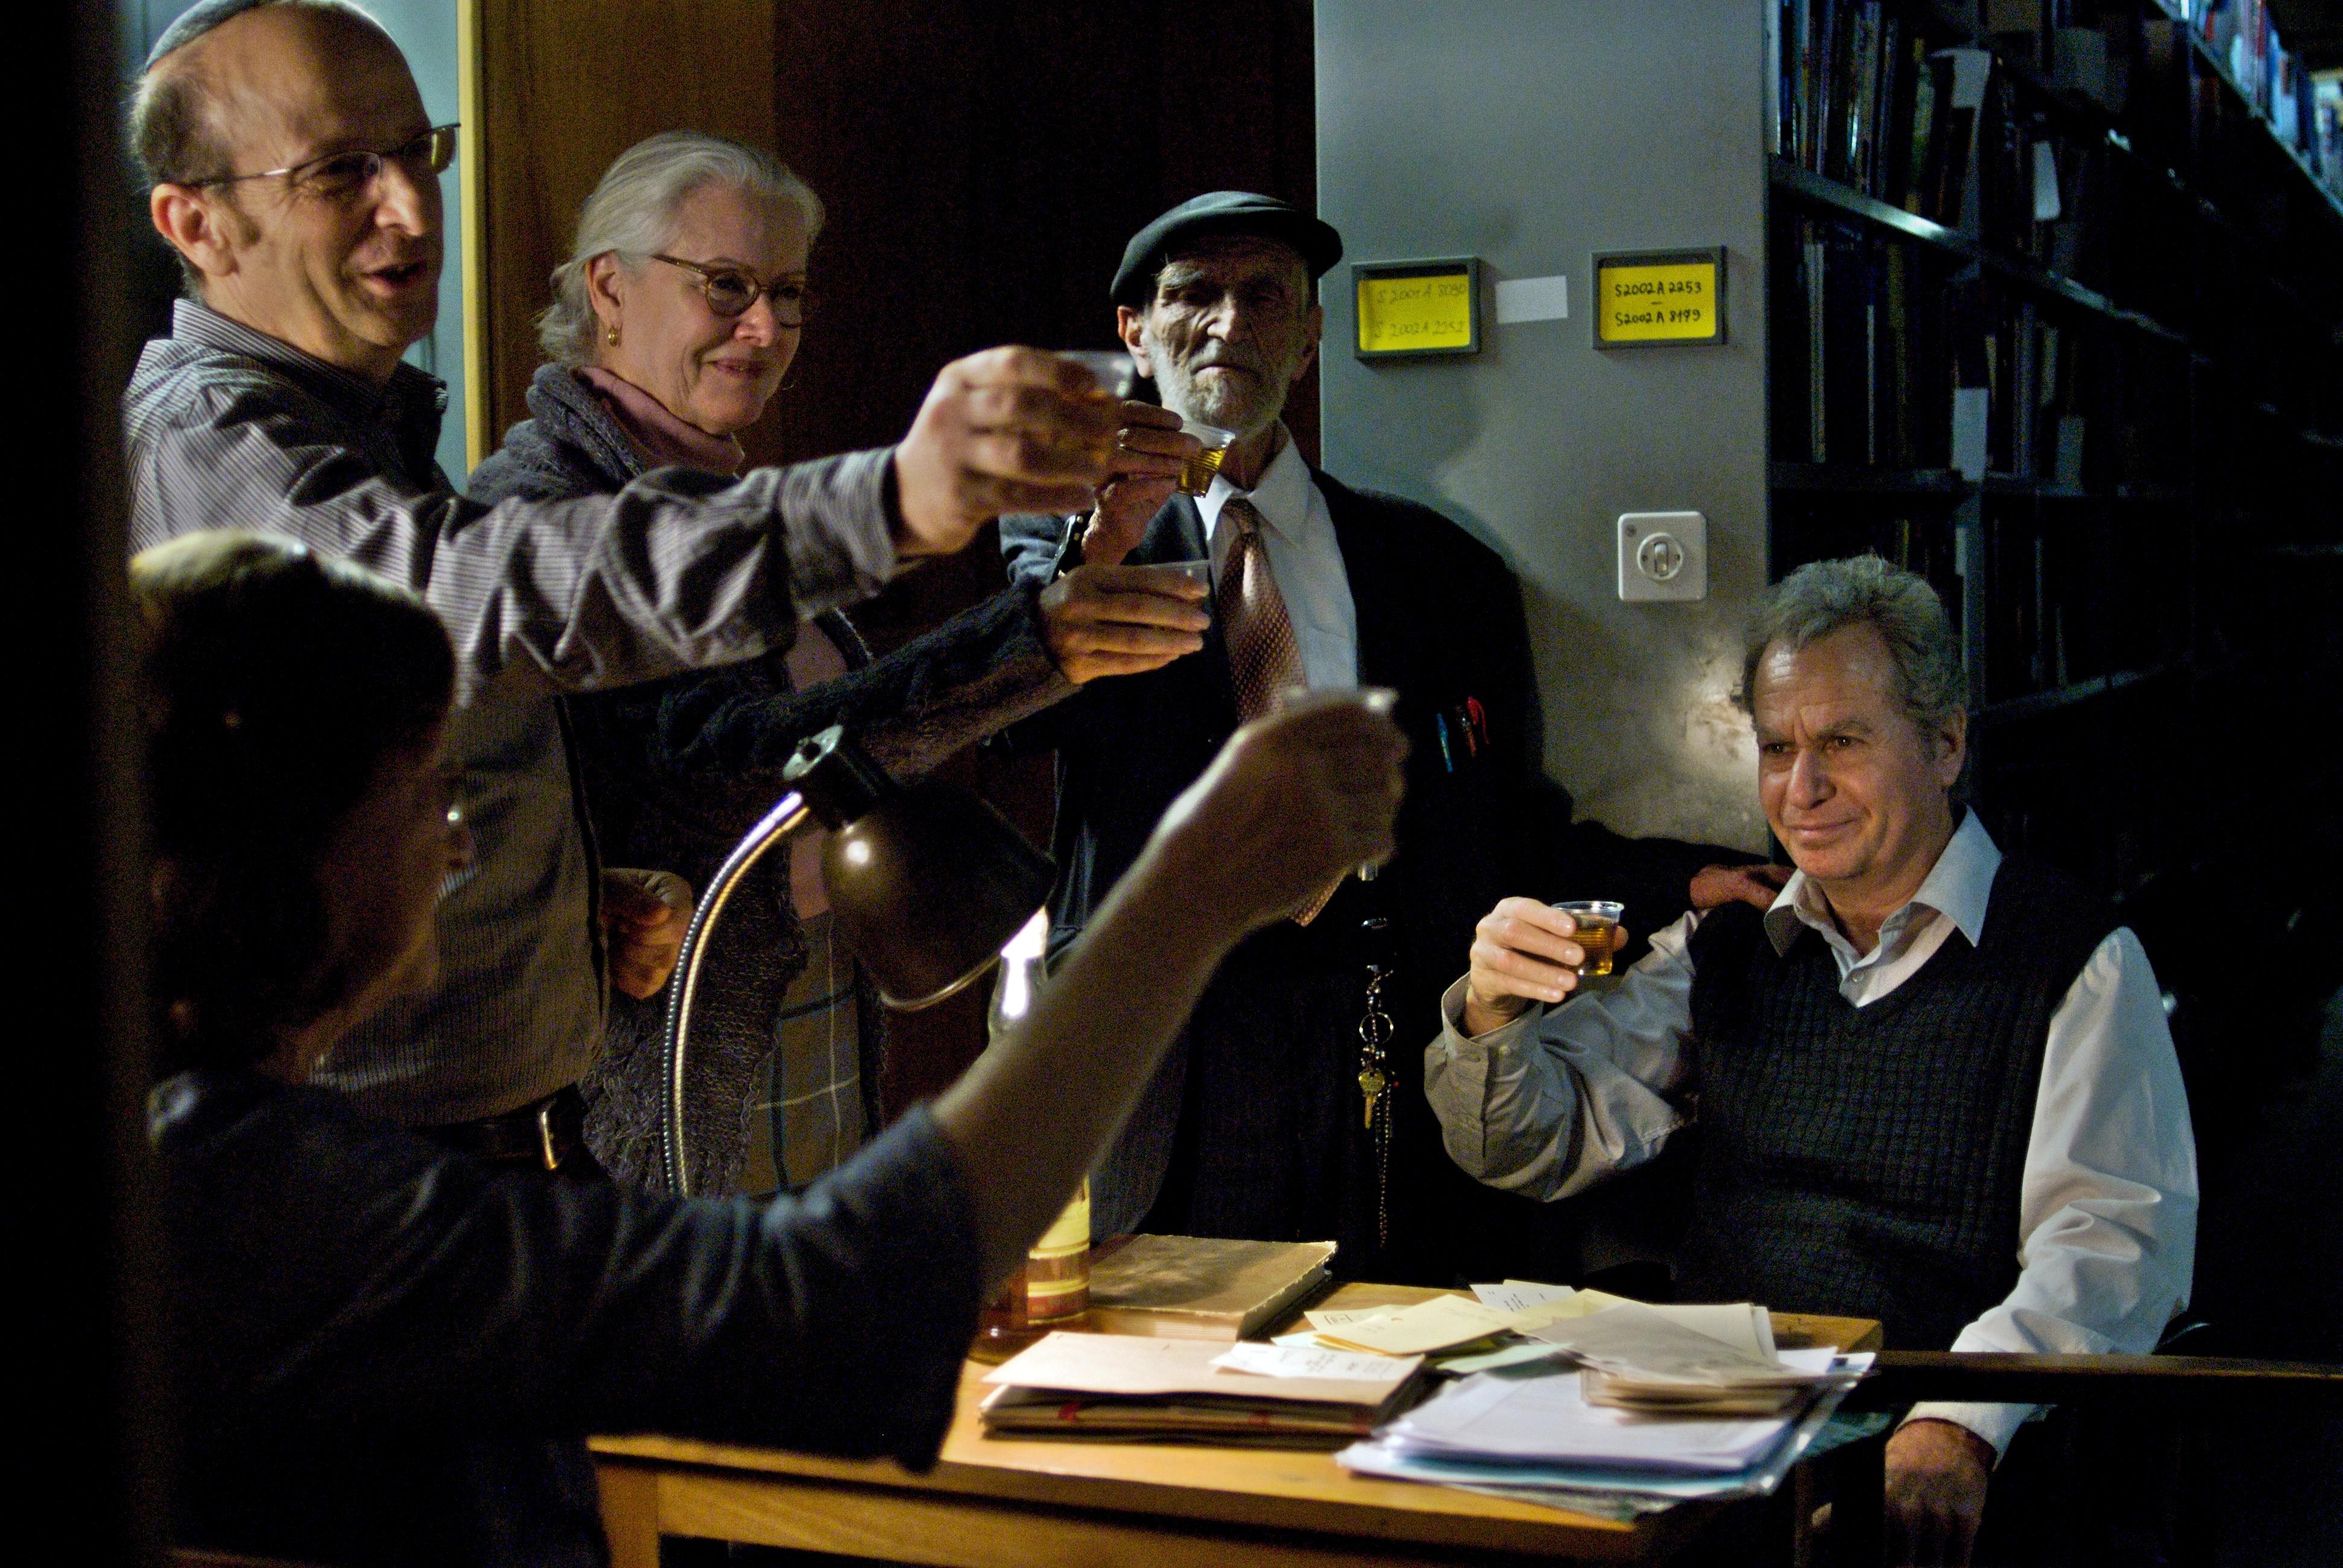 Fotograma de la película Pie de página (Footnote)